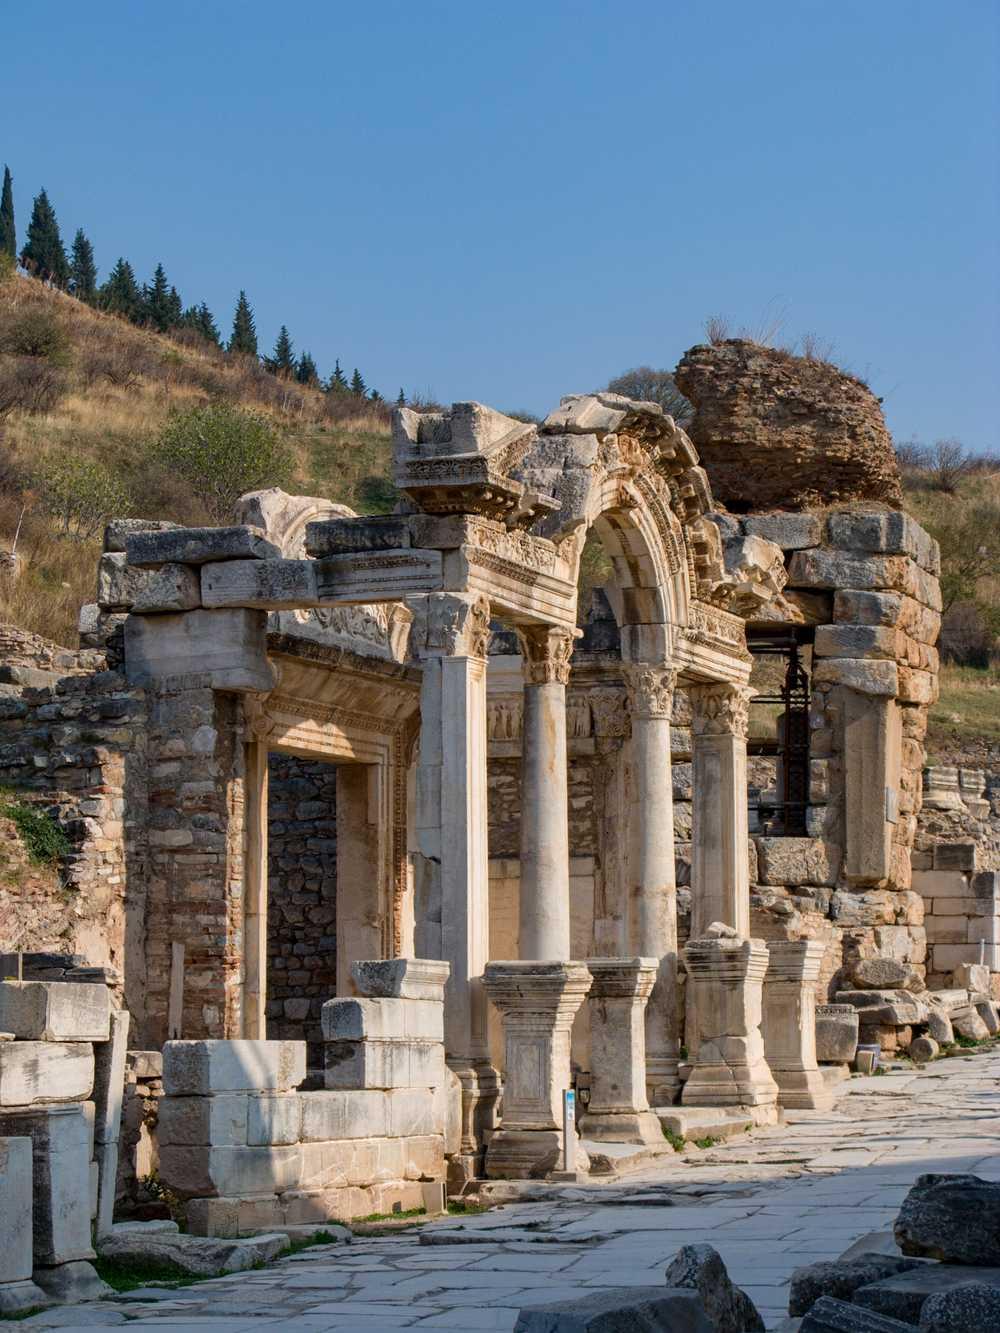 Arch of Hadrian's Temple, Ephesus